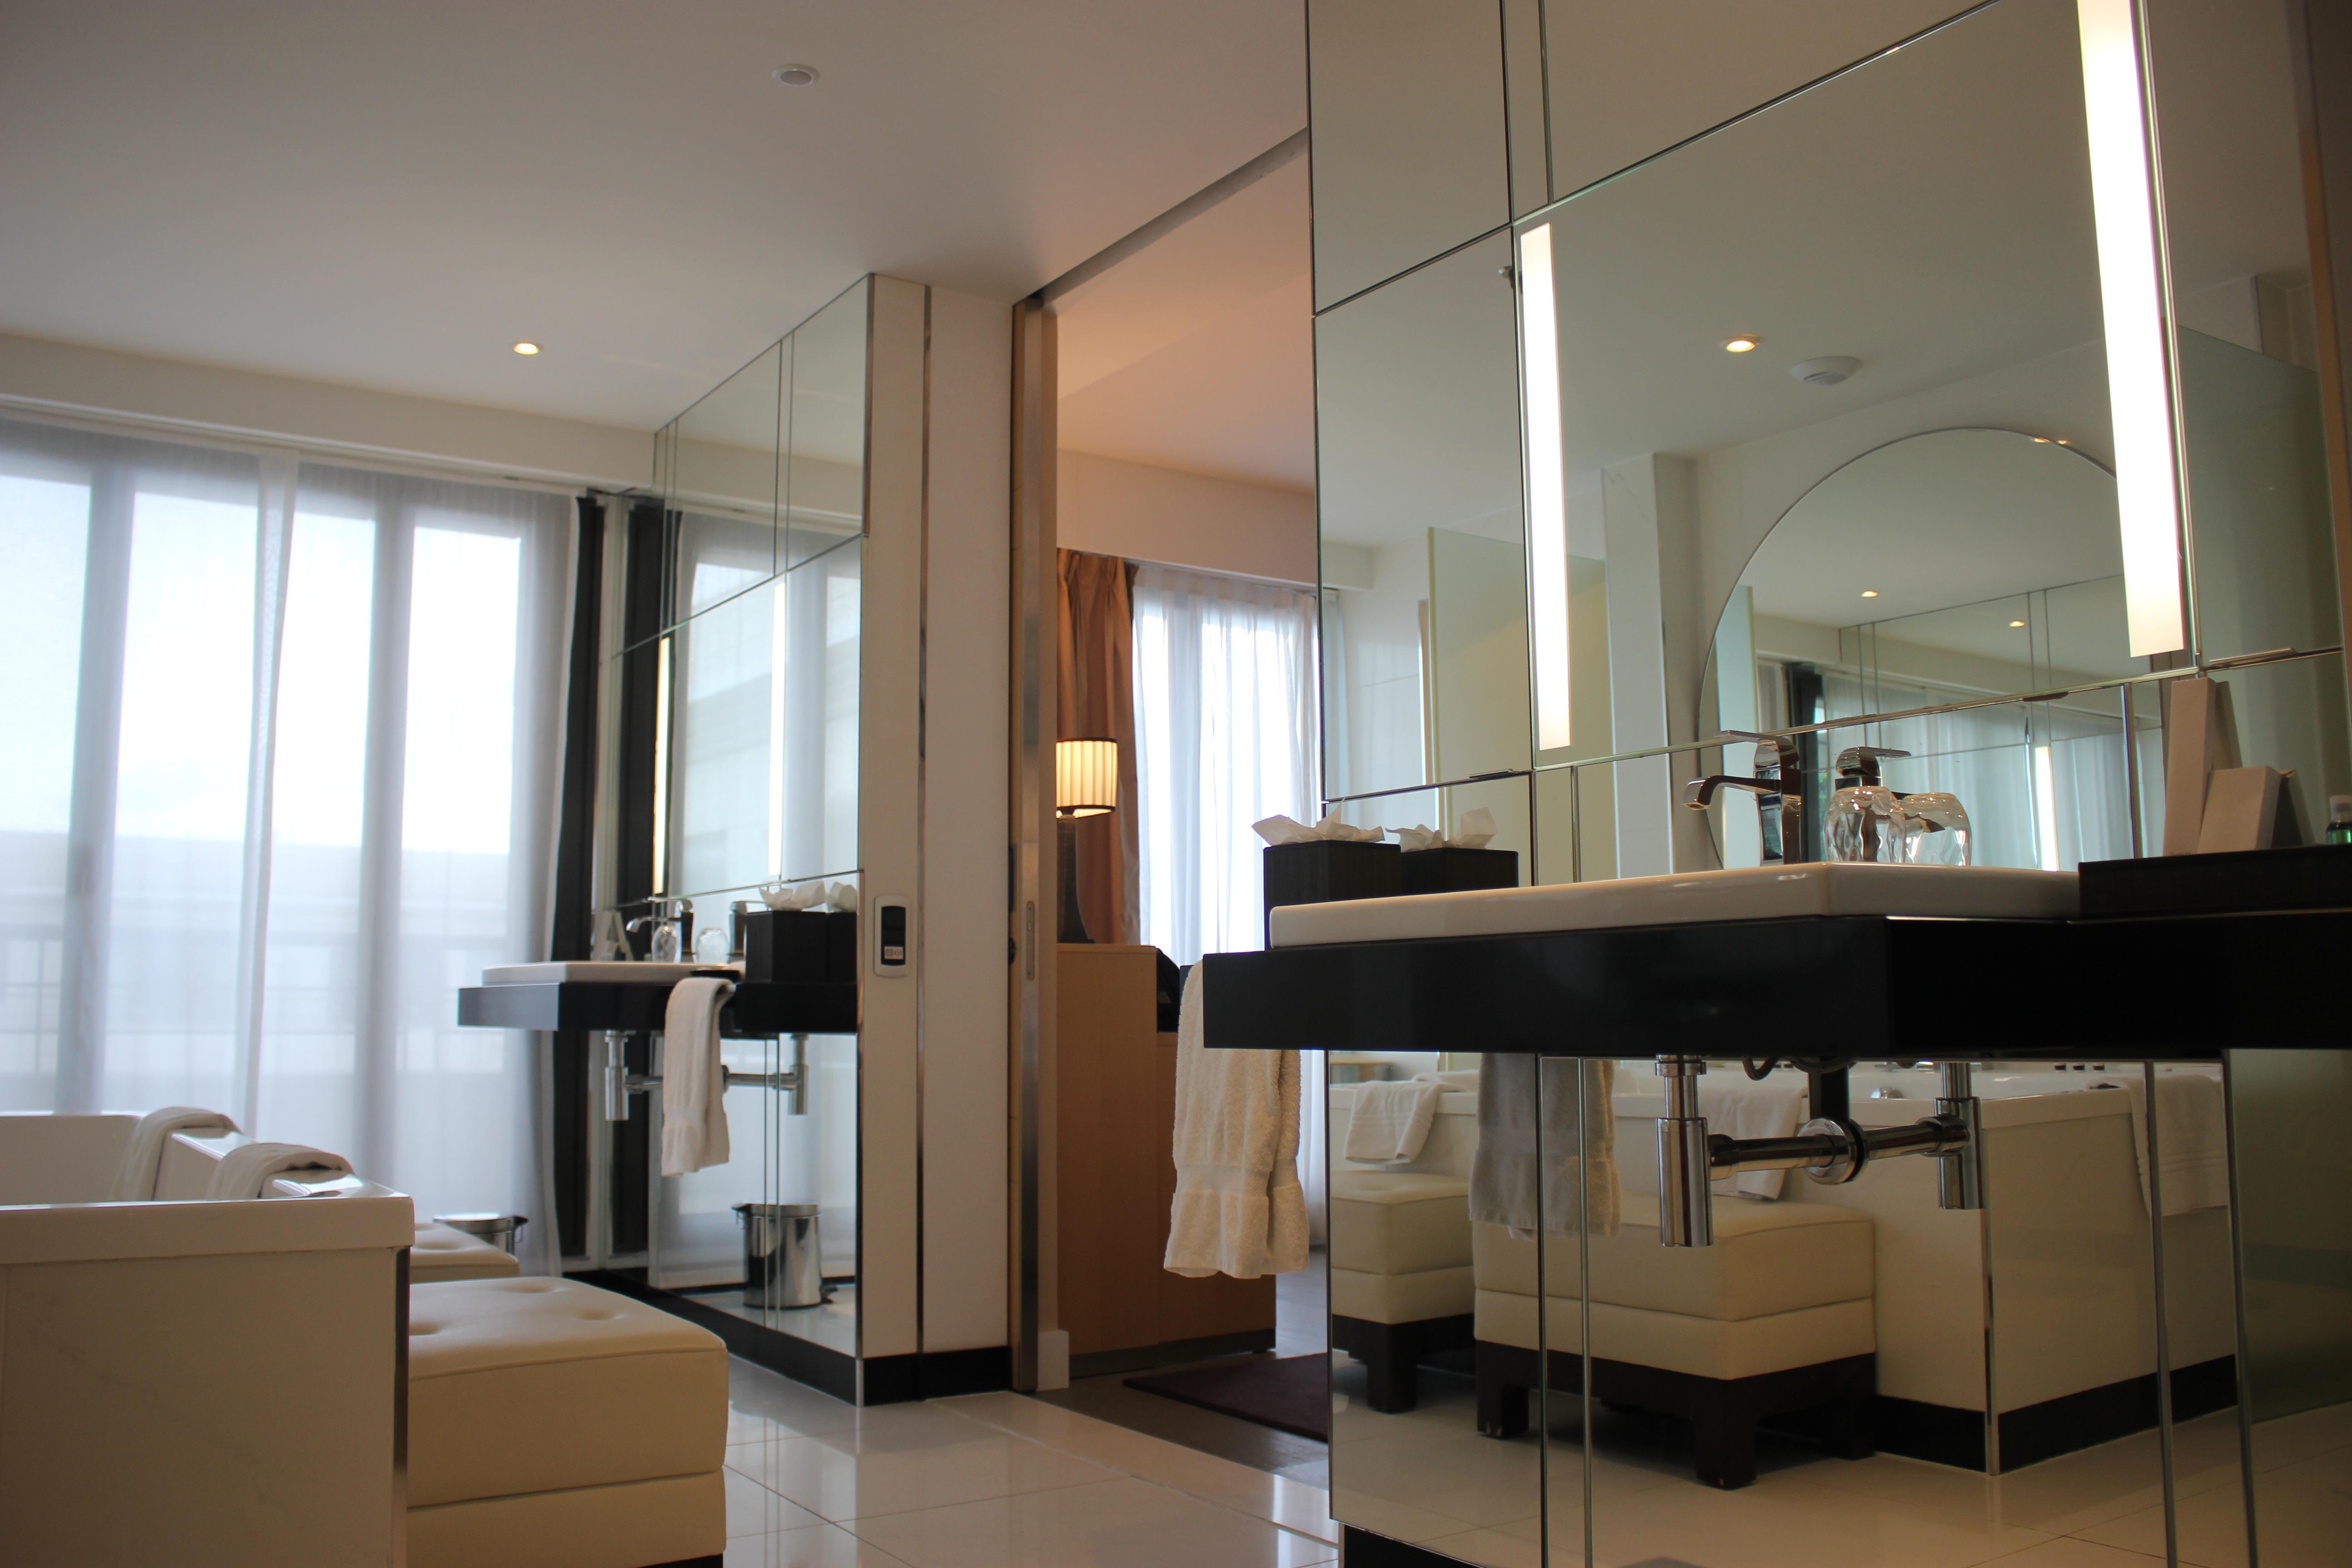 Hyatt Regency Nice bathroom